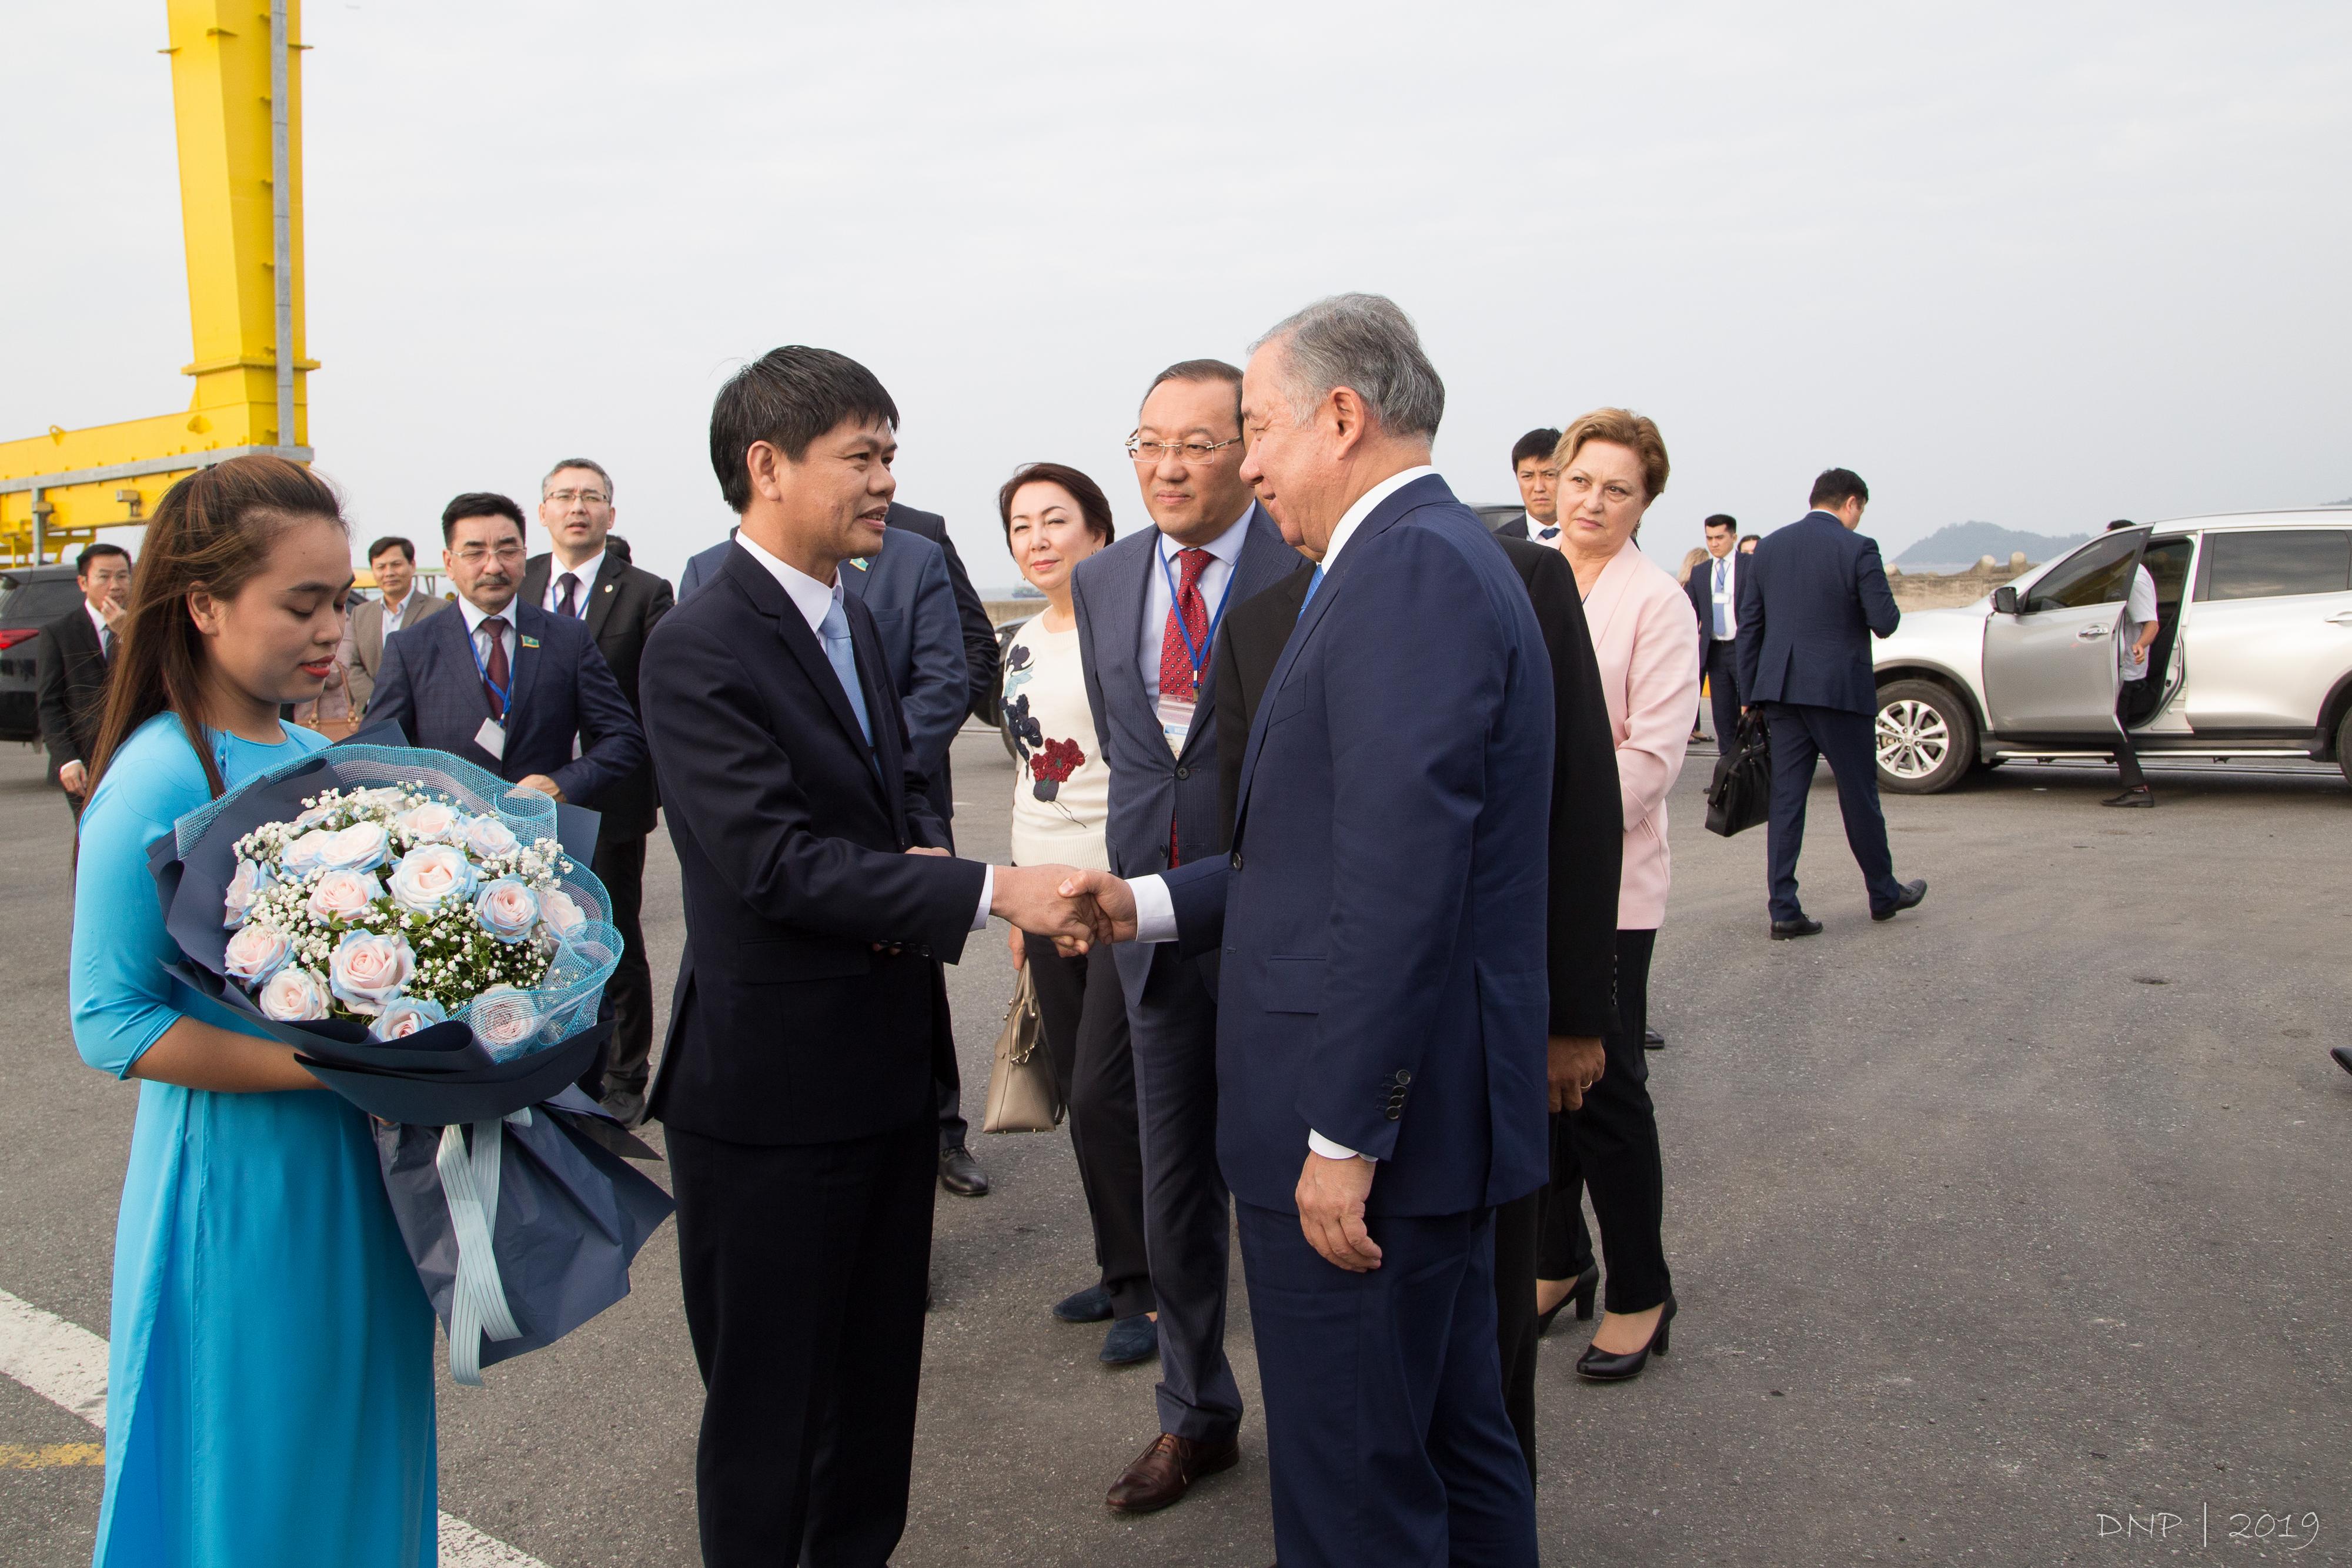 Ông Trần Lê Tuấn, Chủ Tịch HĐQT, Q. Tổng Giám Đốc Công Ty Cổ Phần Cảng Đà Nẵng trao hoa và gởi đến lời cảm ơn chân thành nhất đến Chủ tịch Hạ viện và đoàn công tác Nước Cộng hòa Kazakhstan.